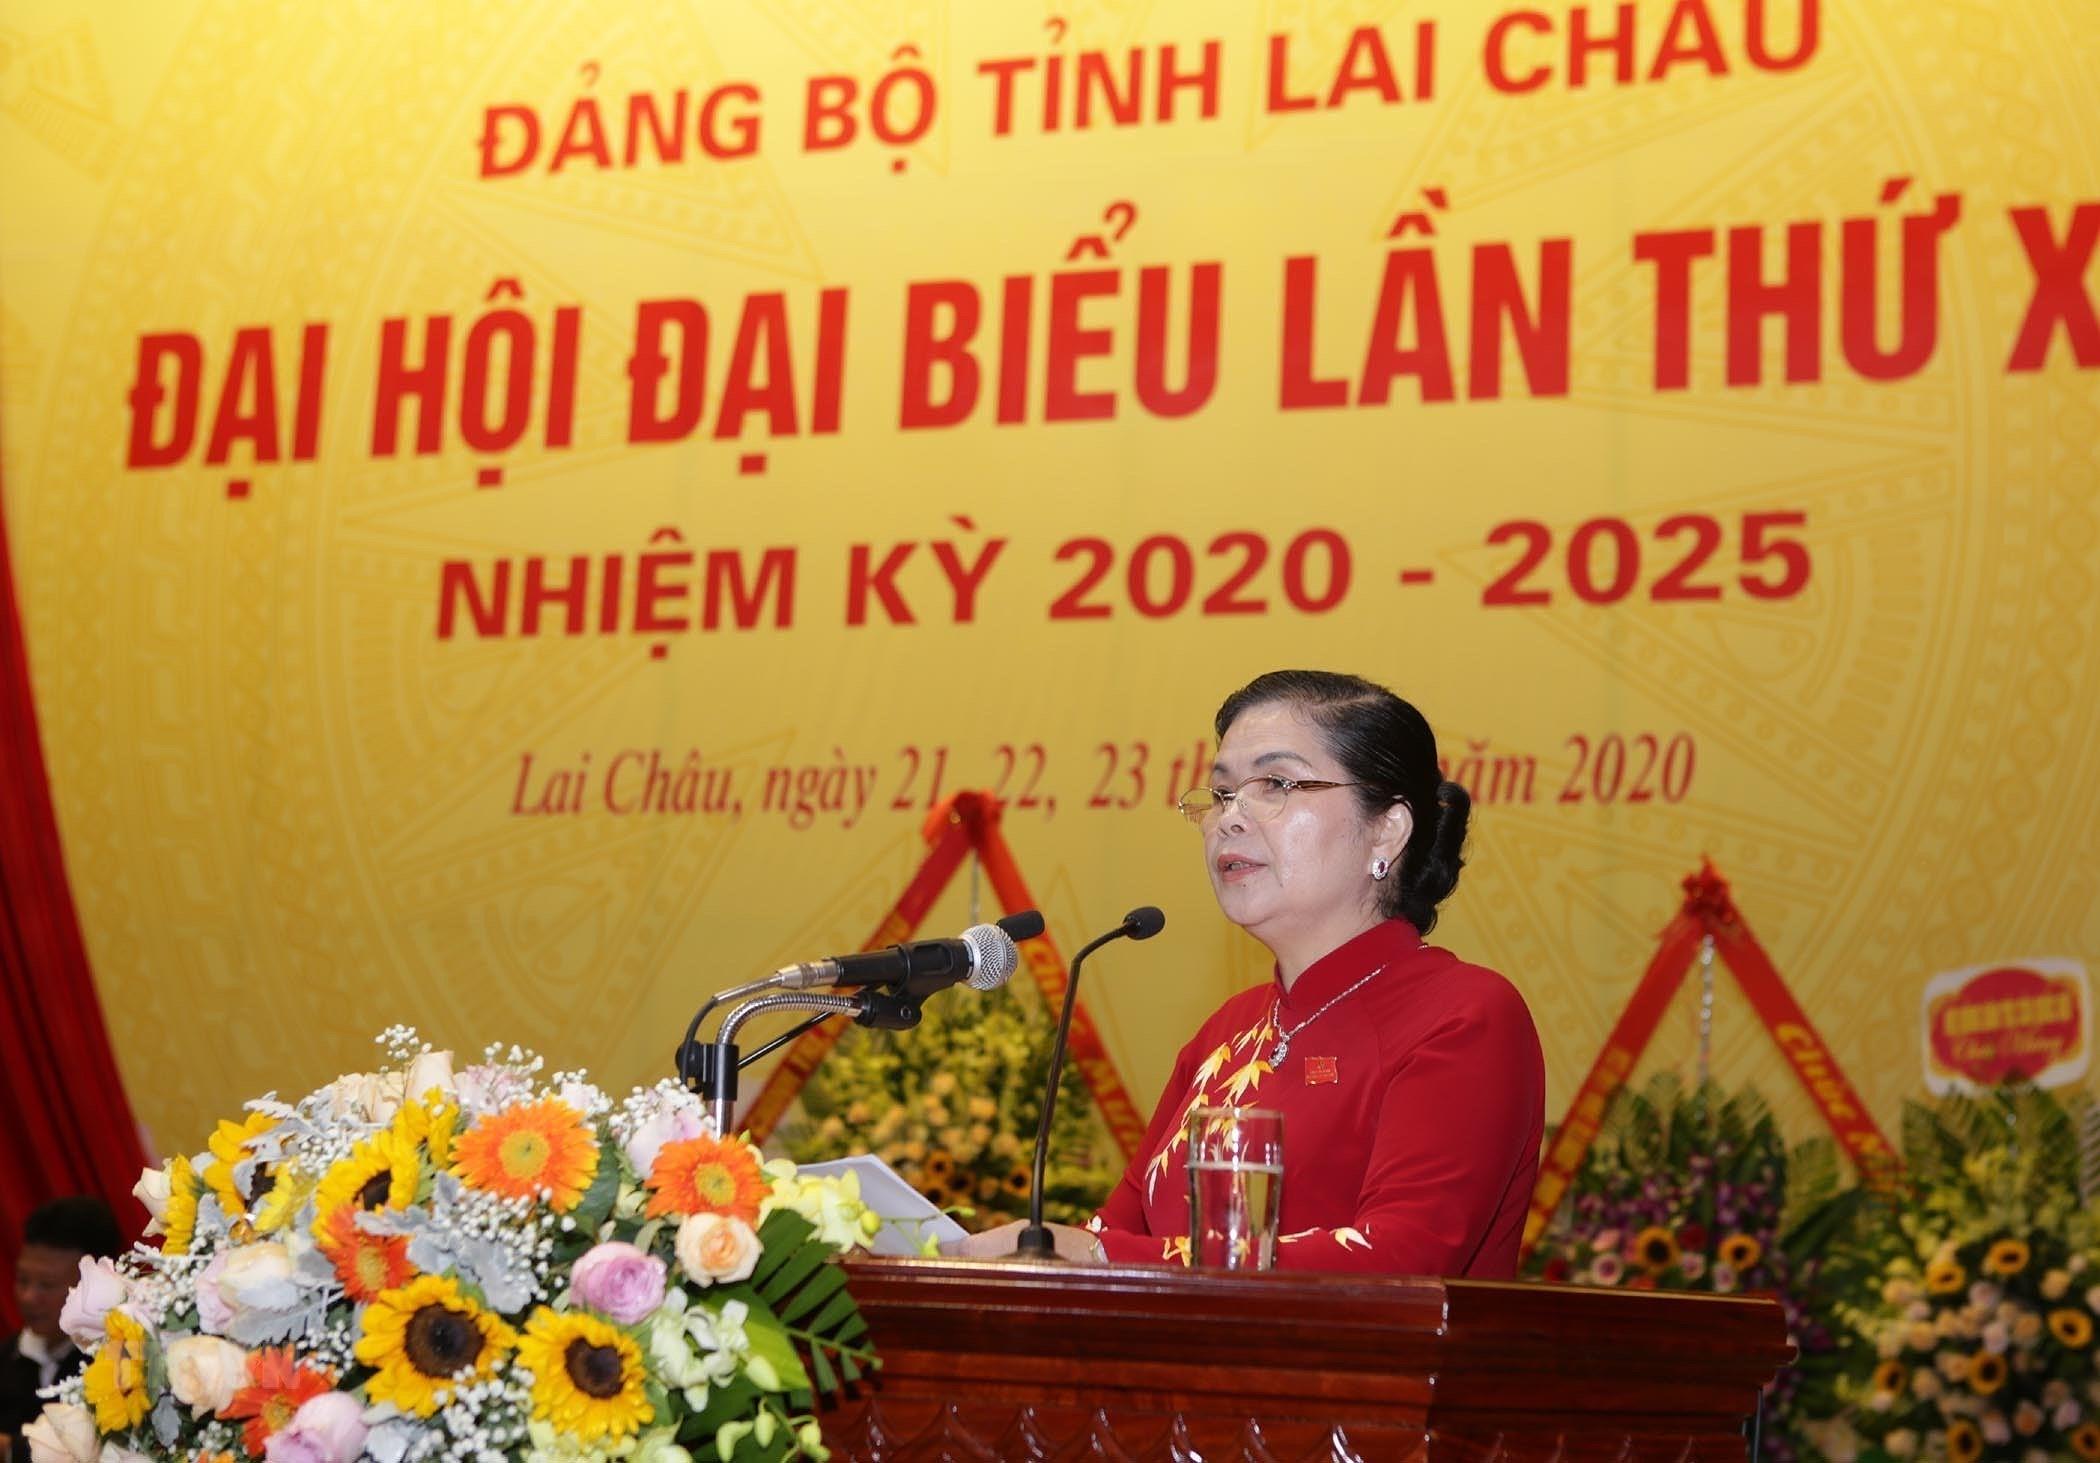 Ong Pham Minh Chinh chi dao Dai hoi Dang bo tinh Lai Chau lan thu XIV hinh anh 1